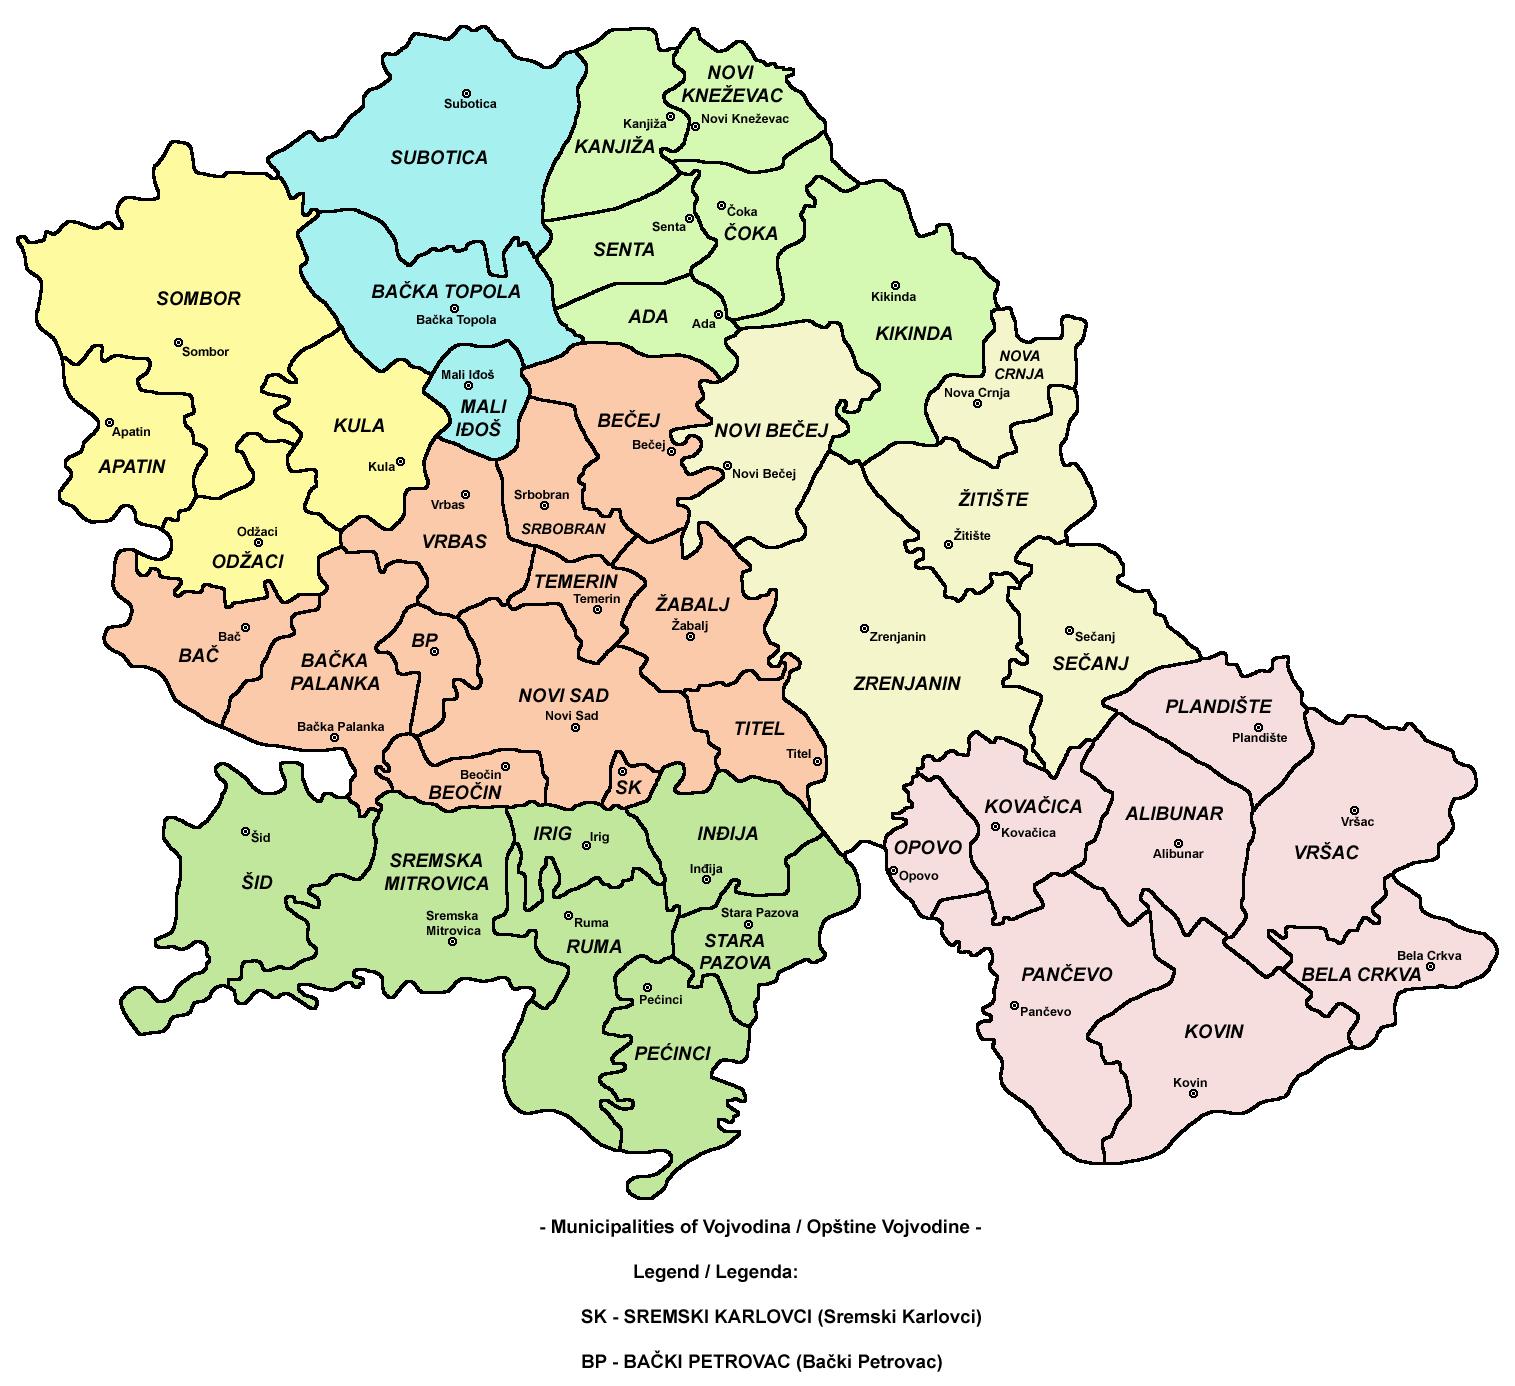 https://i0.wp.com/upload.wikimedia.org/wikipedia/commons/9/96/Vojvodina_municipalities_map.png